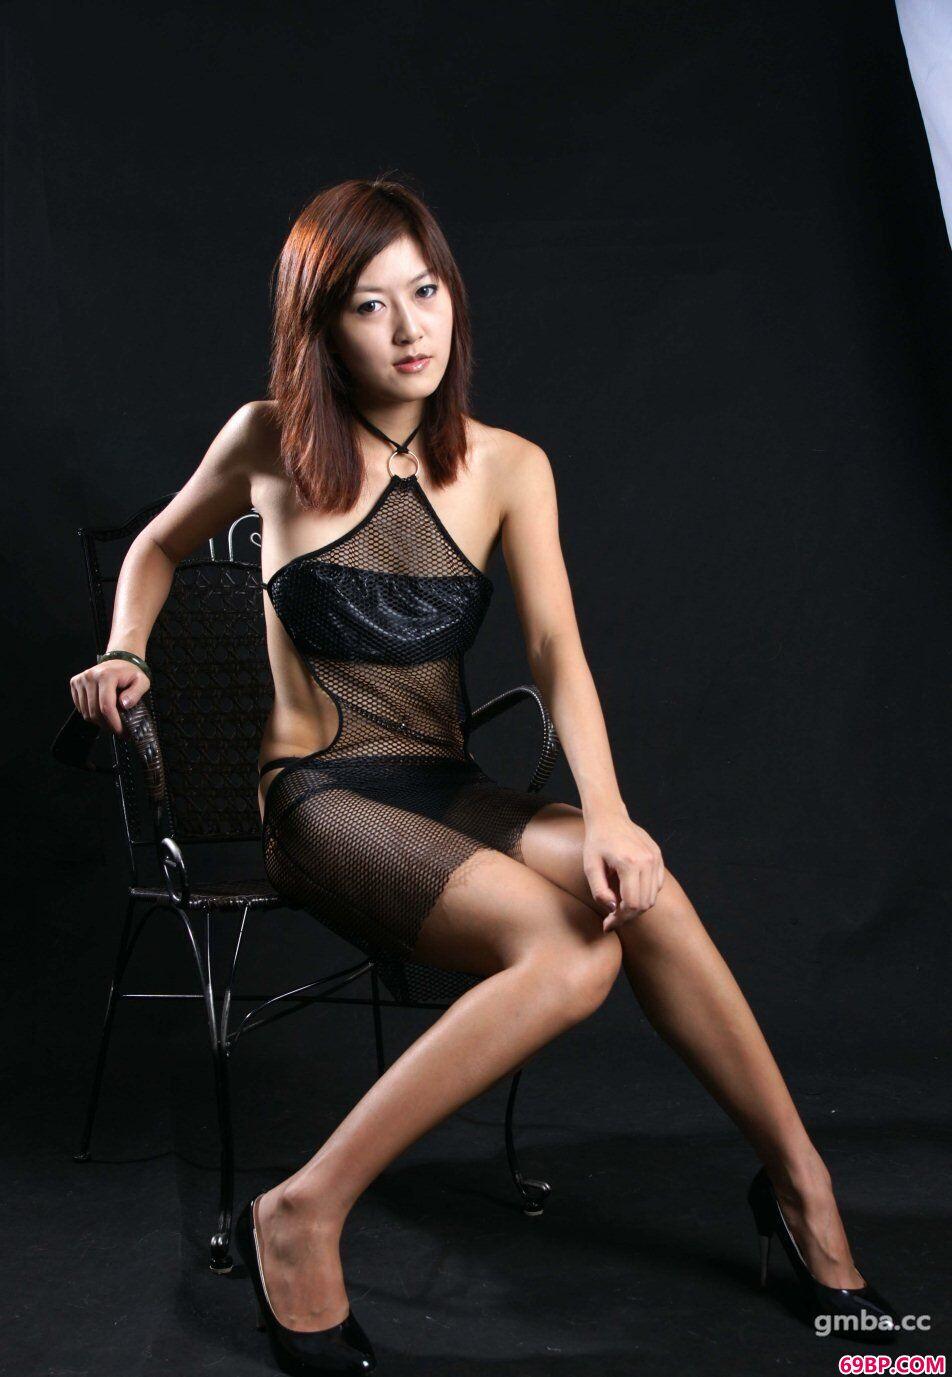 超模晴丝袜艺术造型约拍私房照片